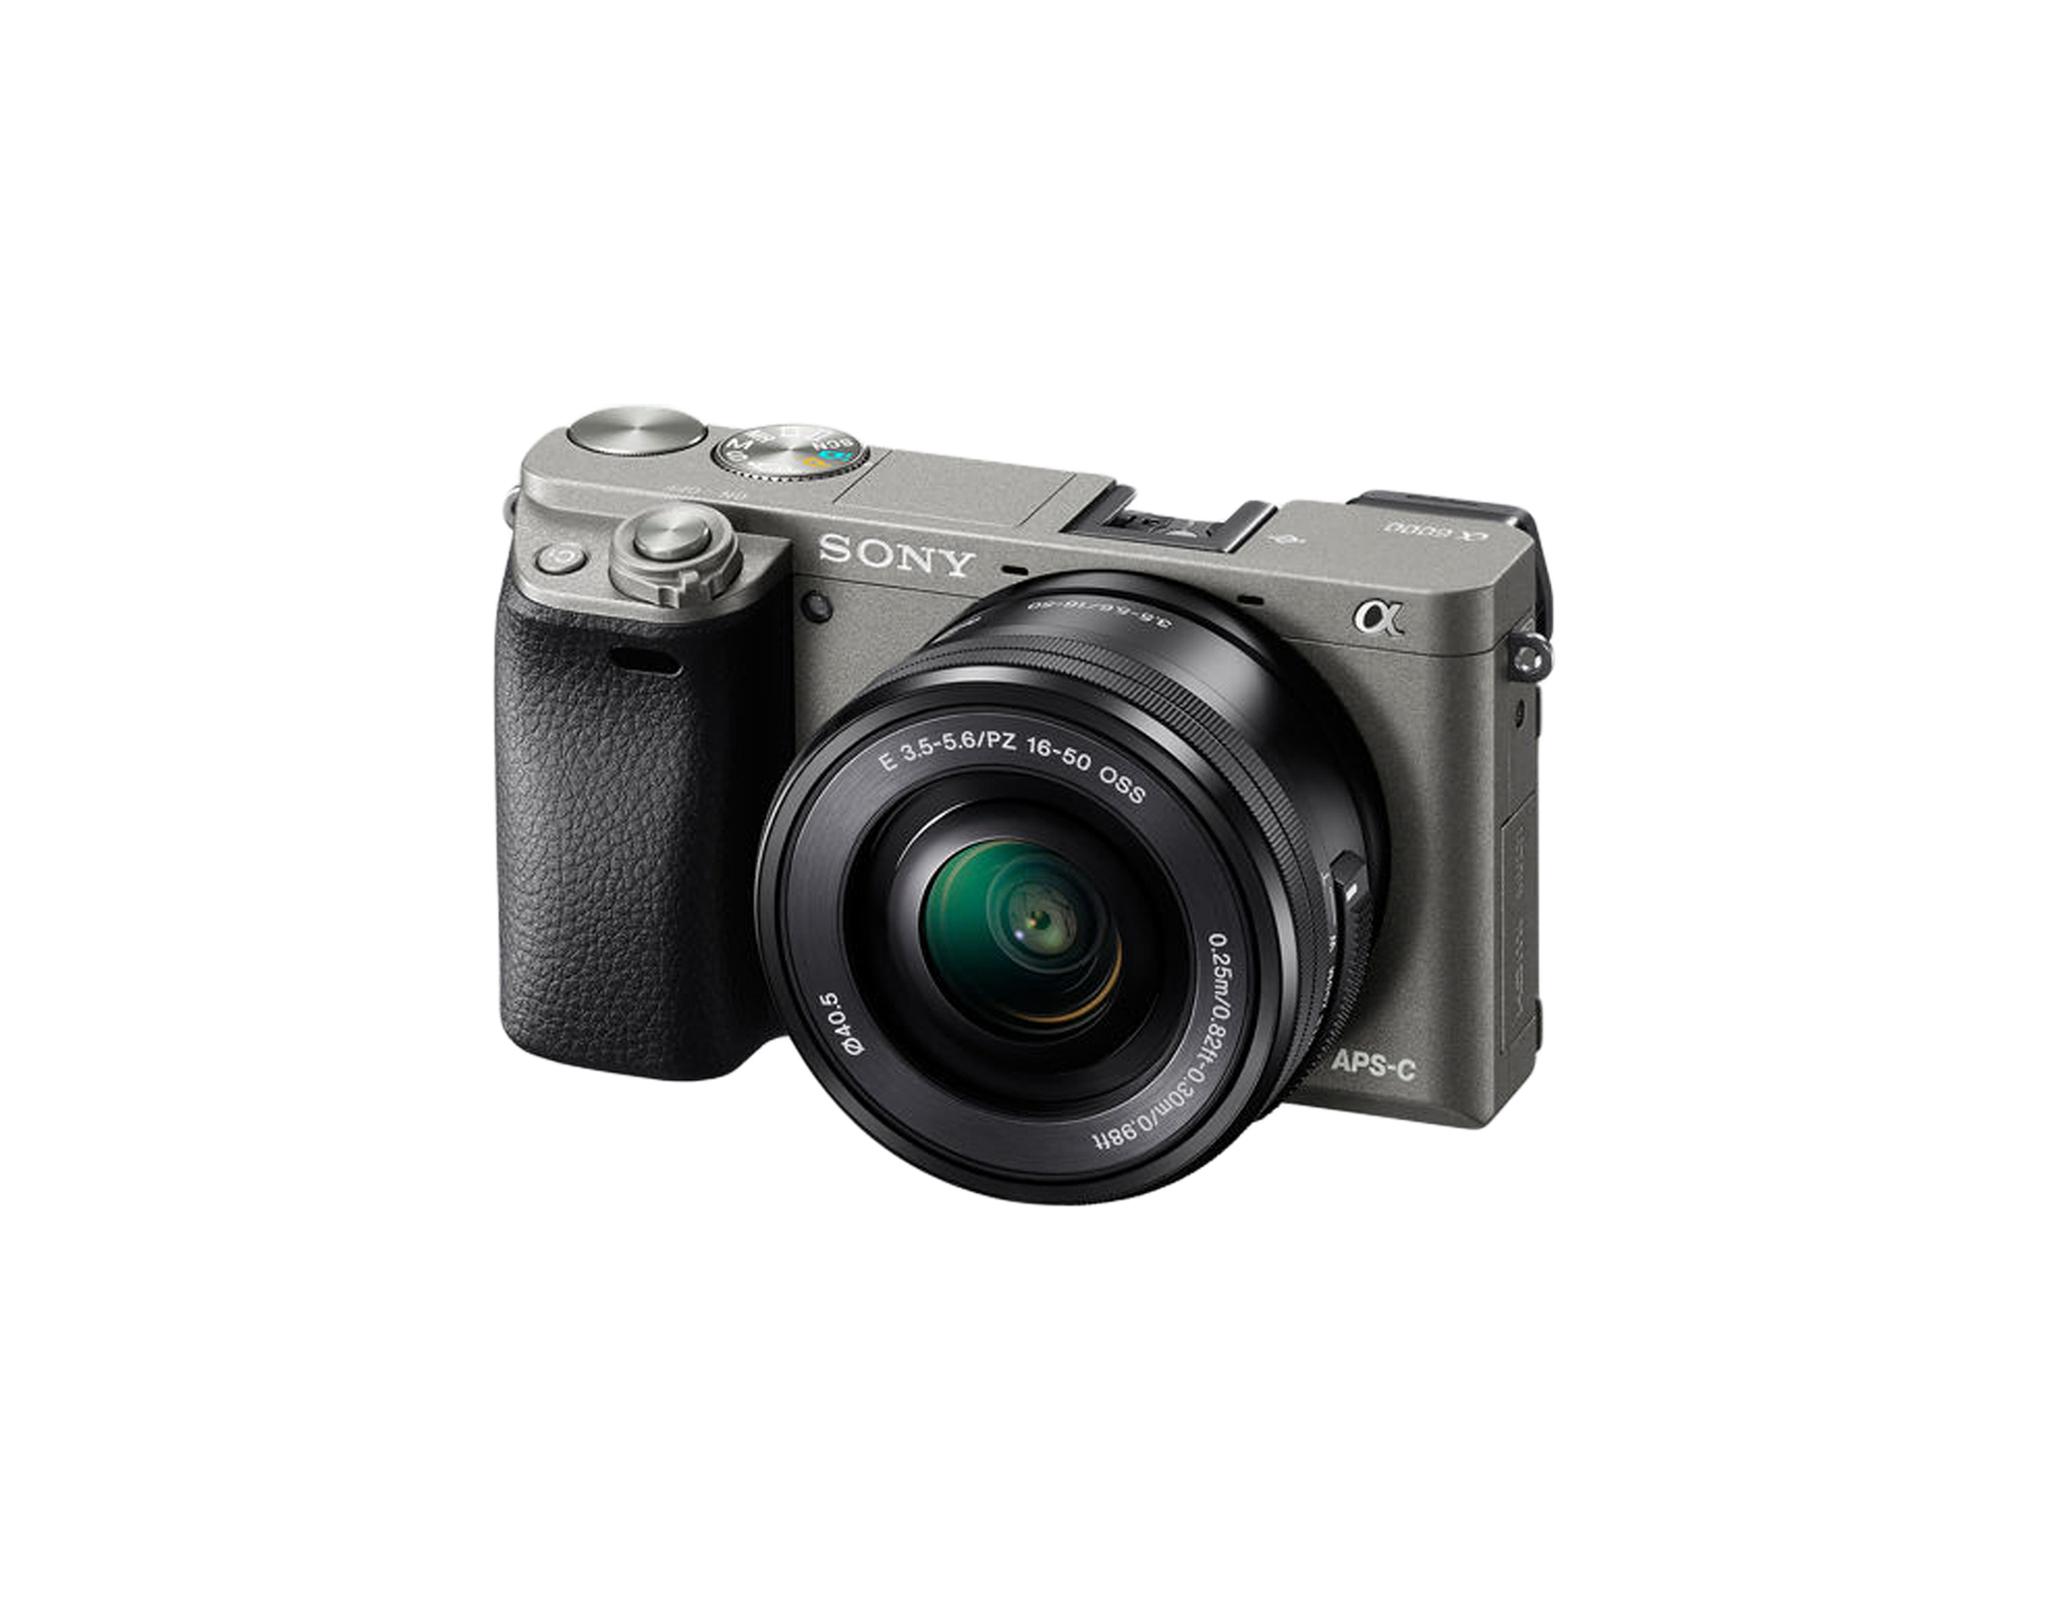 Sony A6000 Kit графитовый купить в Sony Centre Воронеж